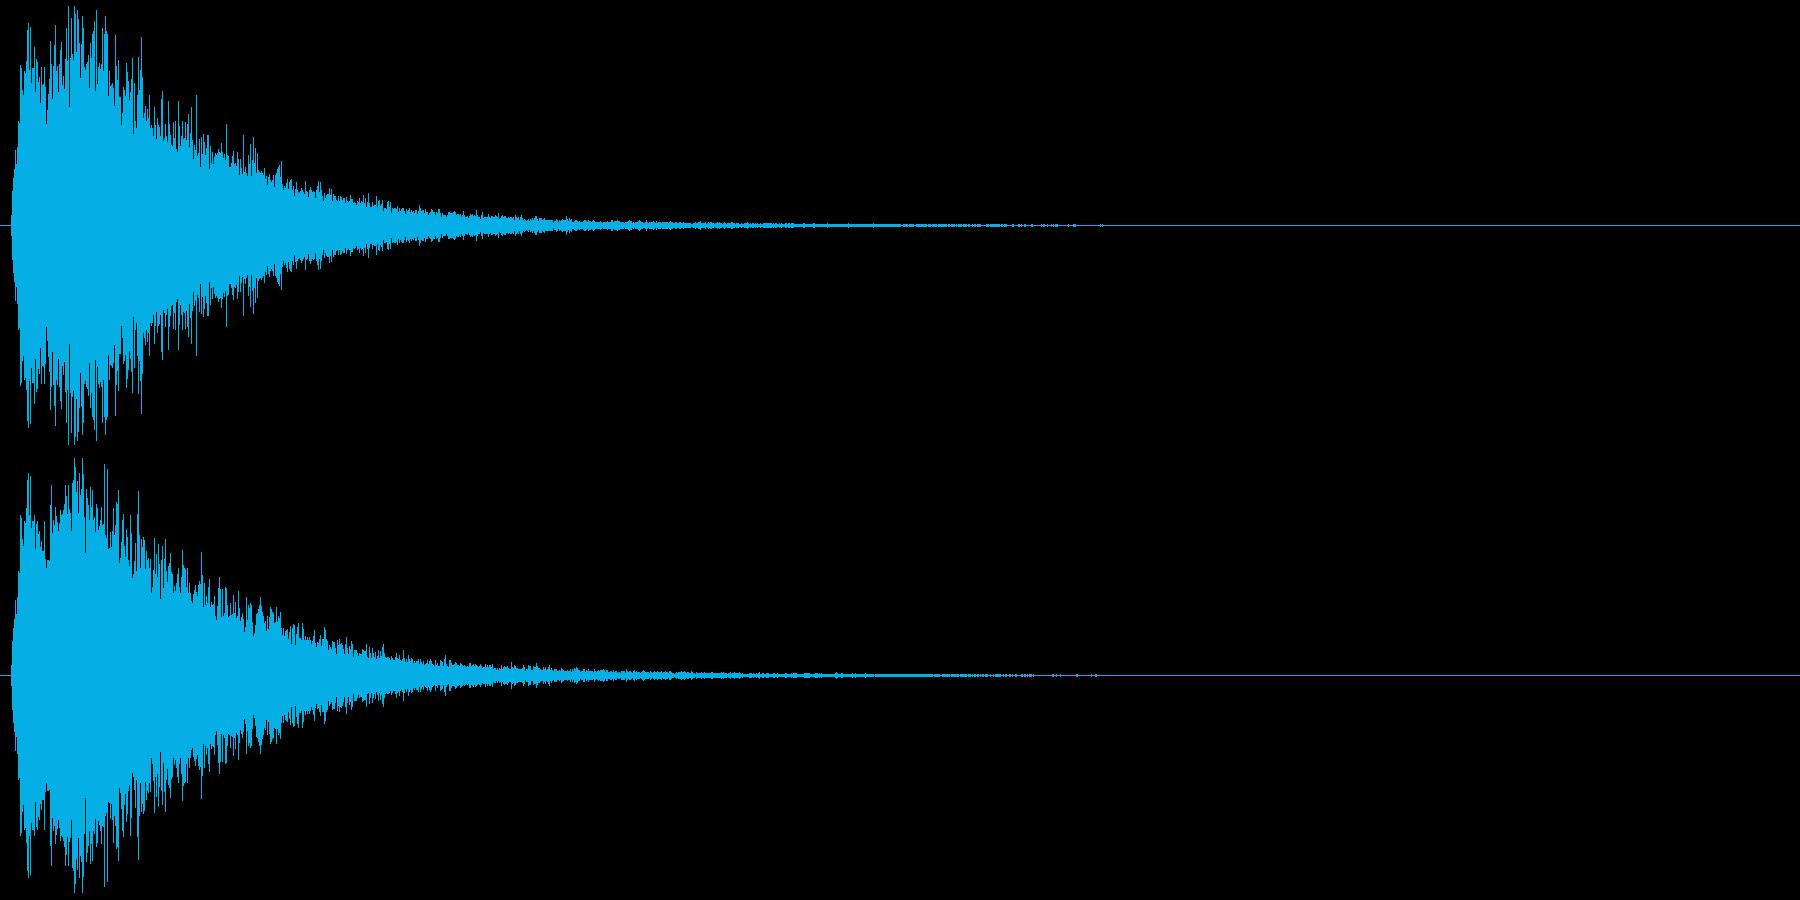 注意を引くインパクトのある音#5の再生済みの波形